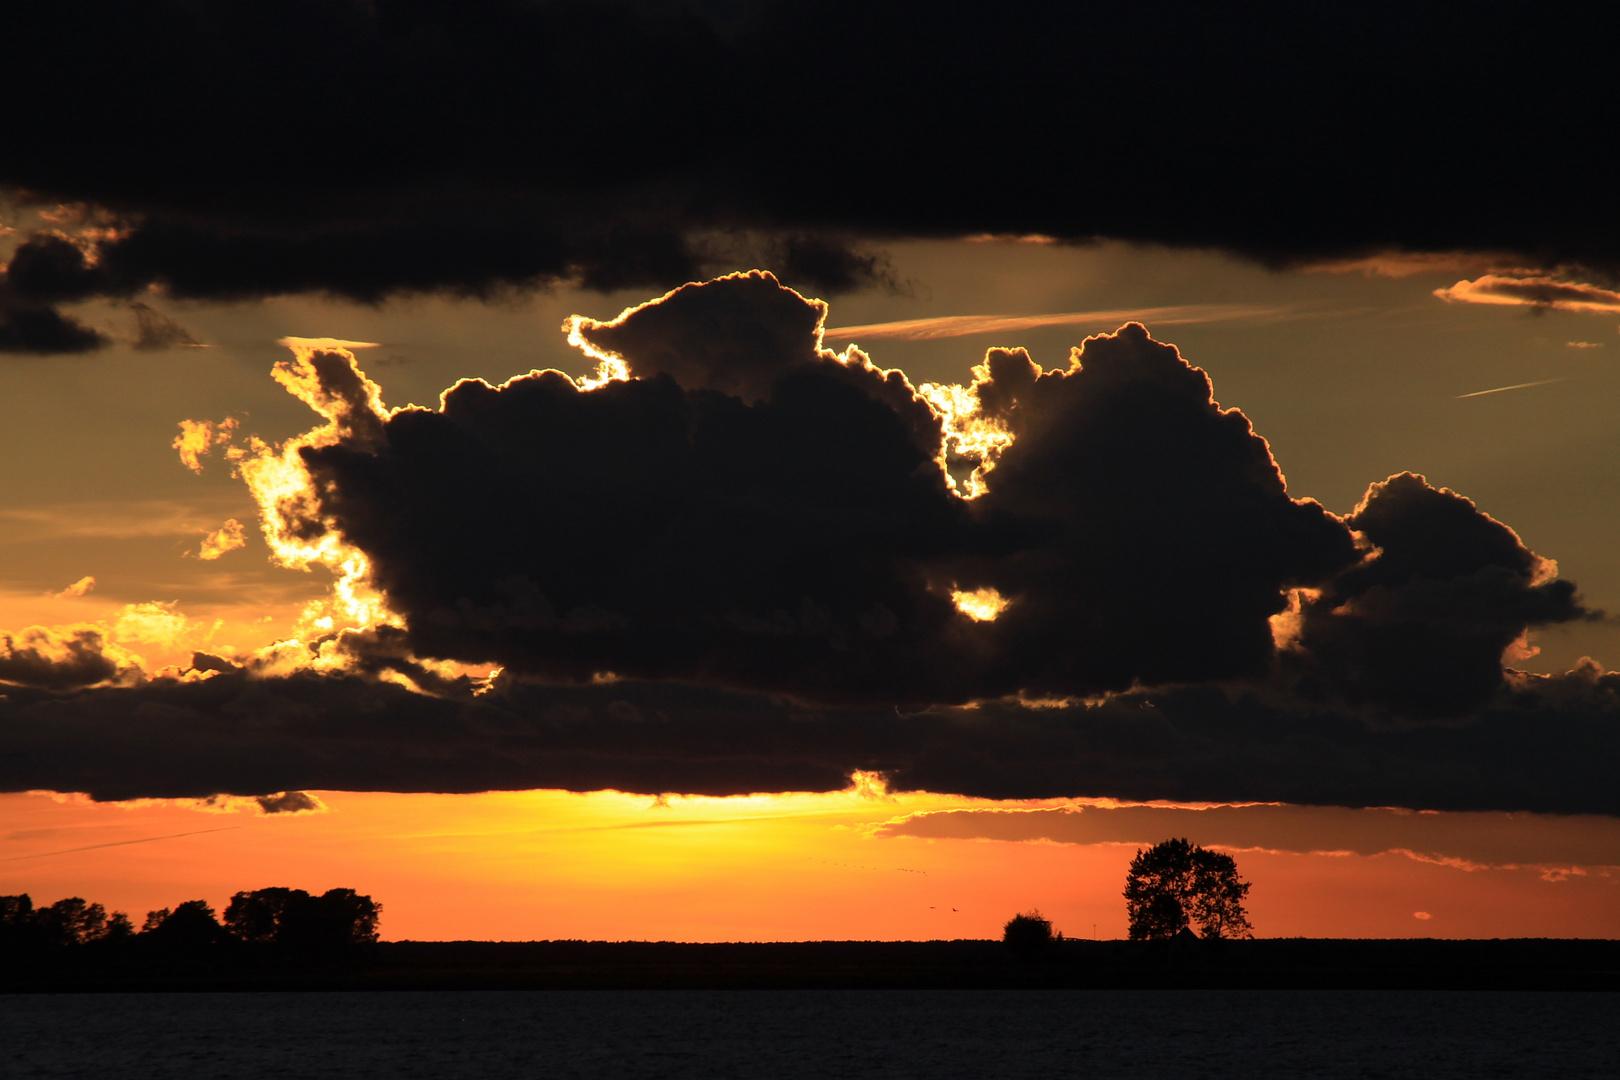 Sonnenuntergang am Bodden bei Zingst